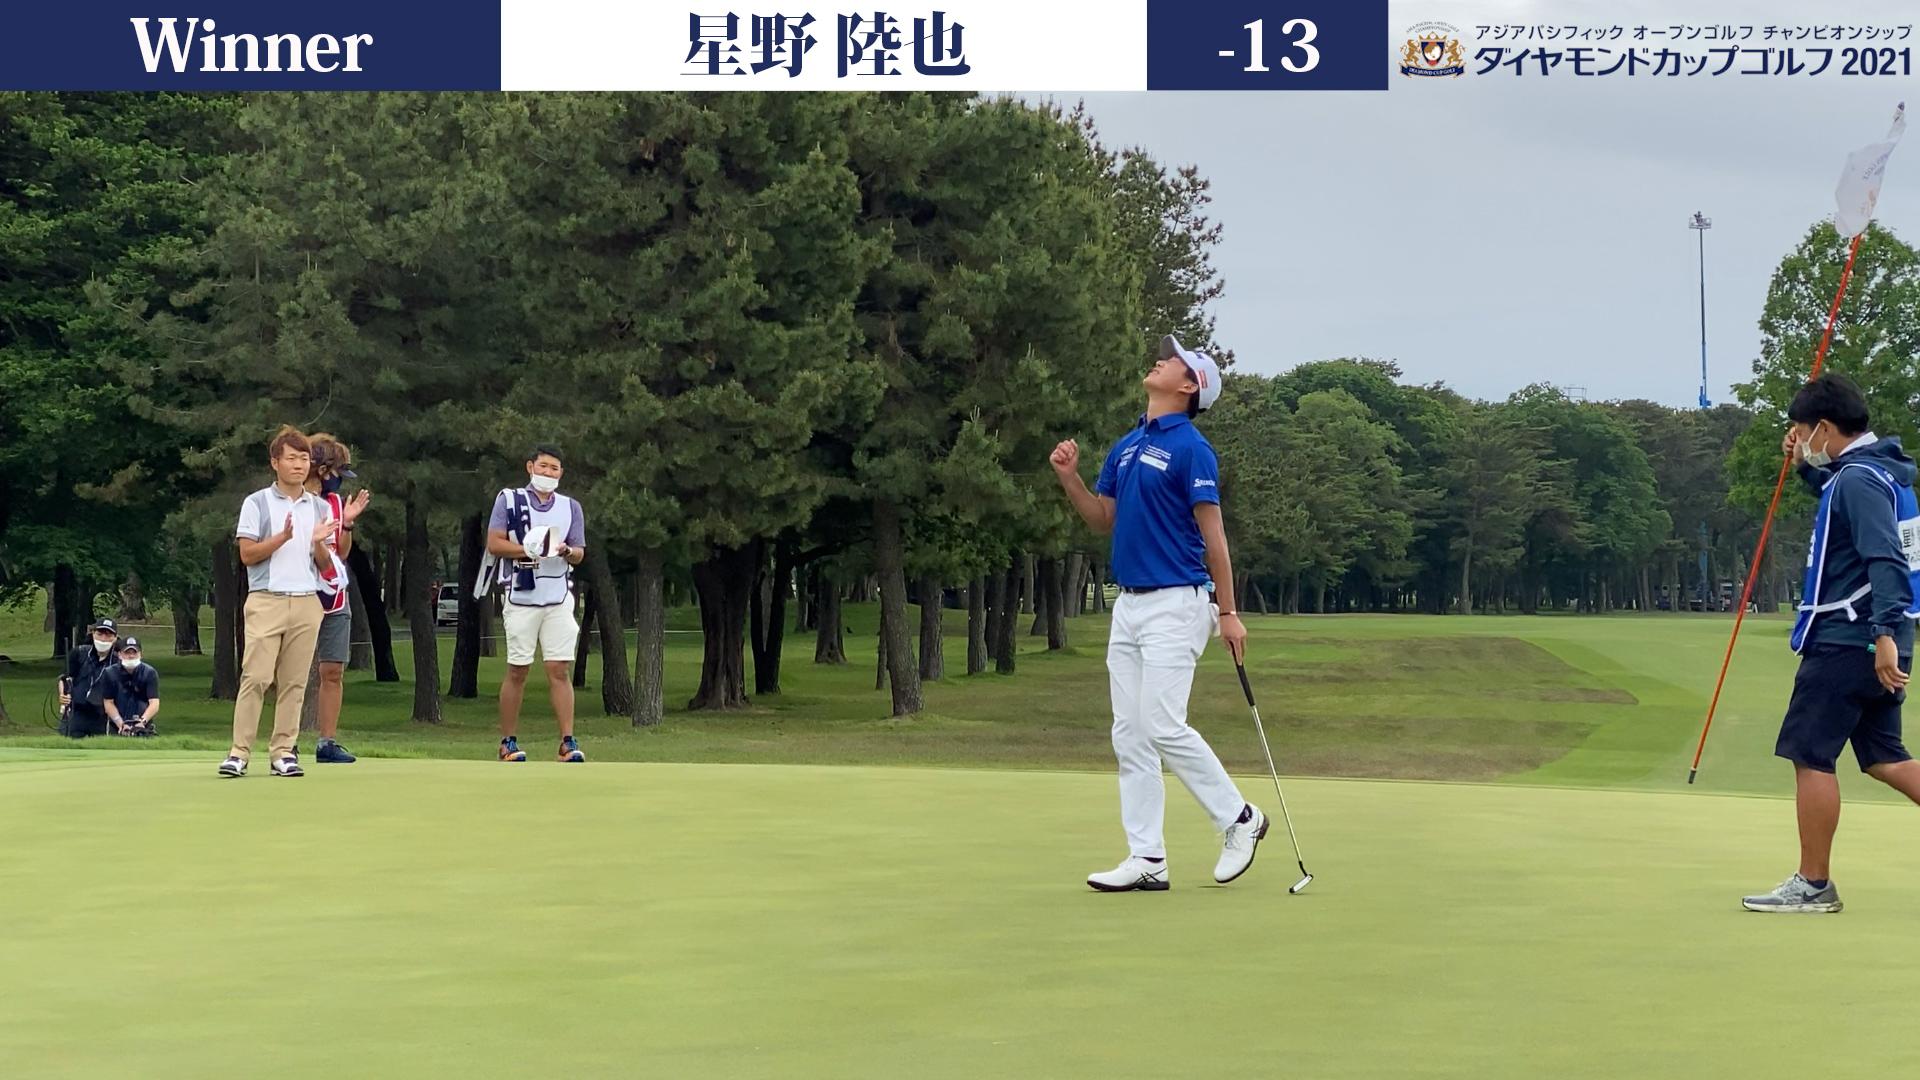 【男子ゴルフ】星野陸也が他を圧倒して今季3勝目!アジアパシフィックダイヤモンドカップゴルフ Final Round